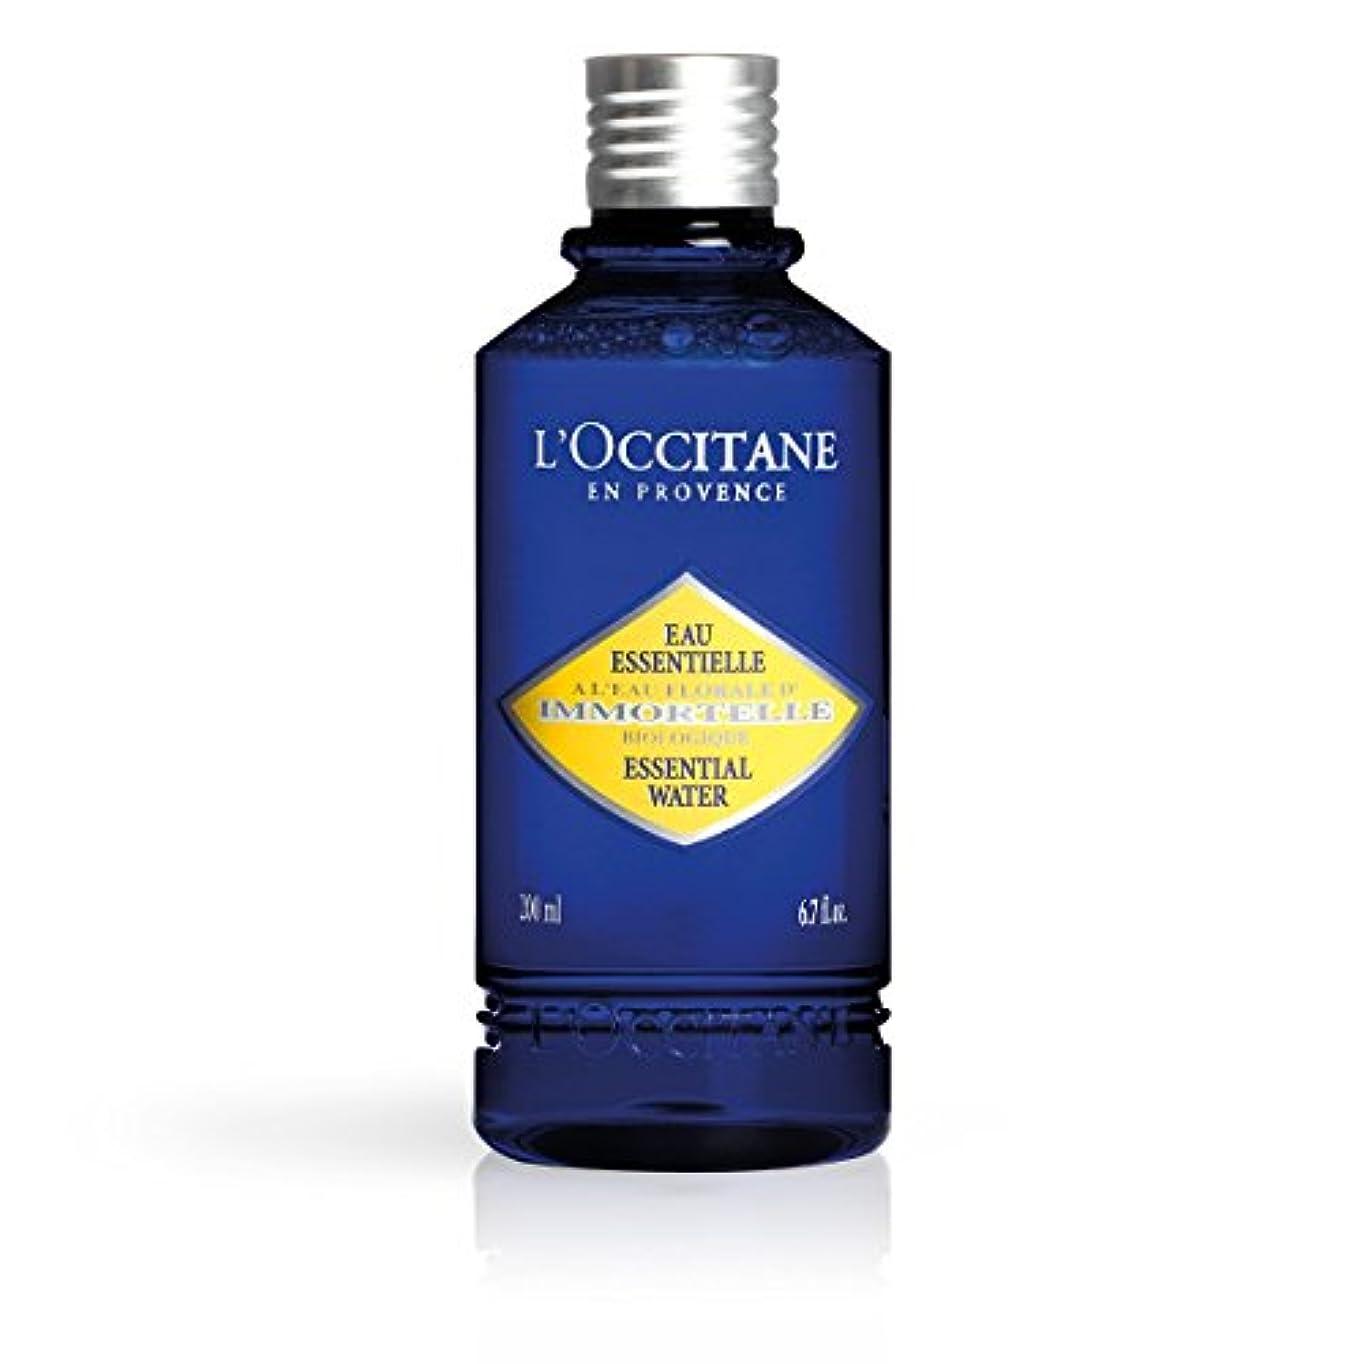 部分的蒸審判ロクシタン(L'OCCITANE) イモーテル エッセンシャルフェースウォーター 200ml